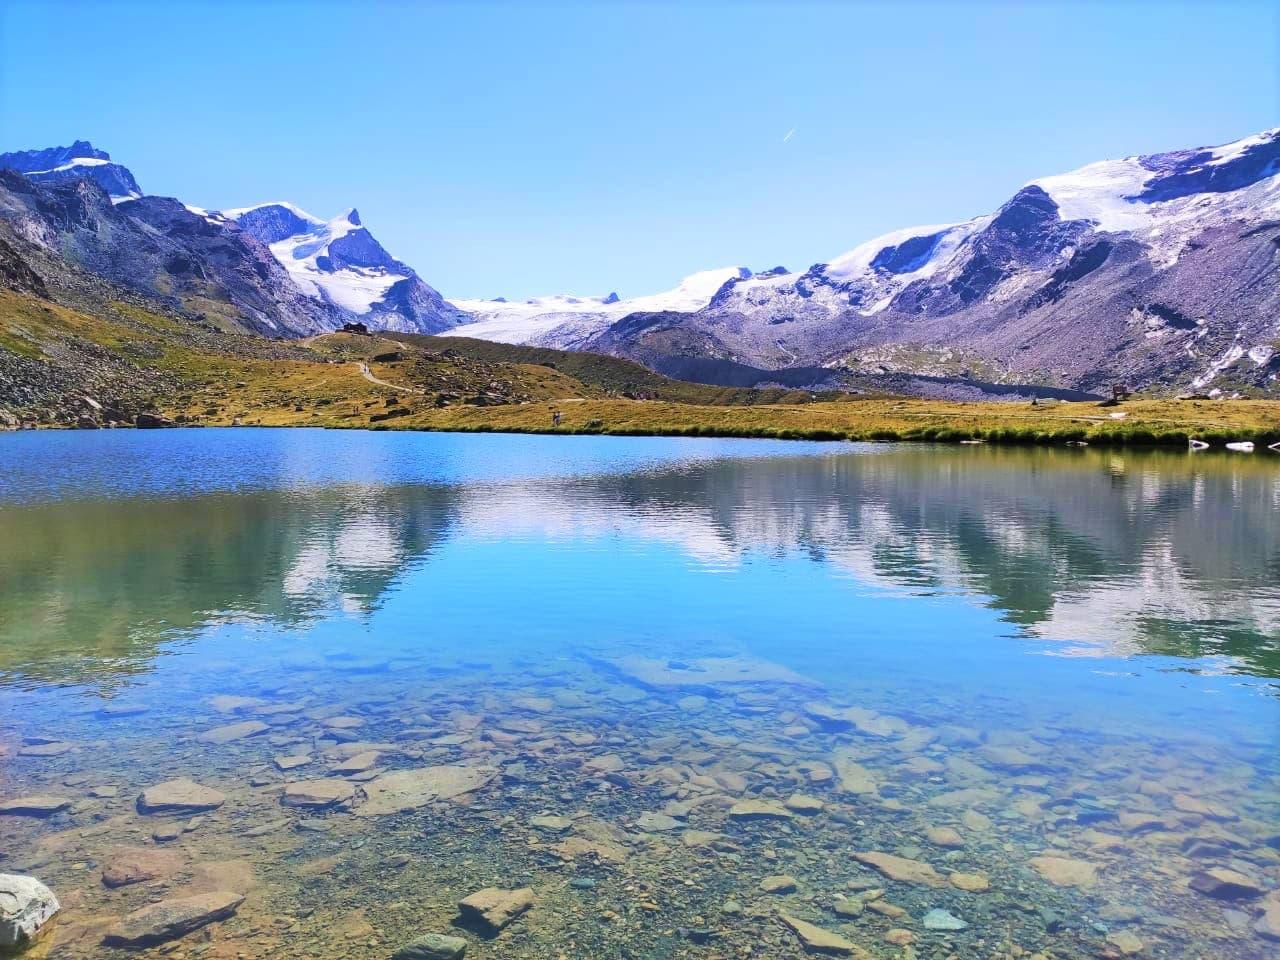 Stellisee Lake as see on the Five Lakes Hike in Zermatt Switzerland